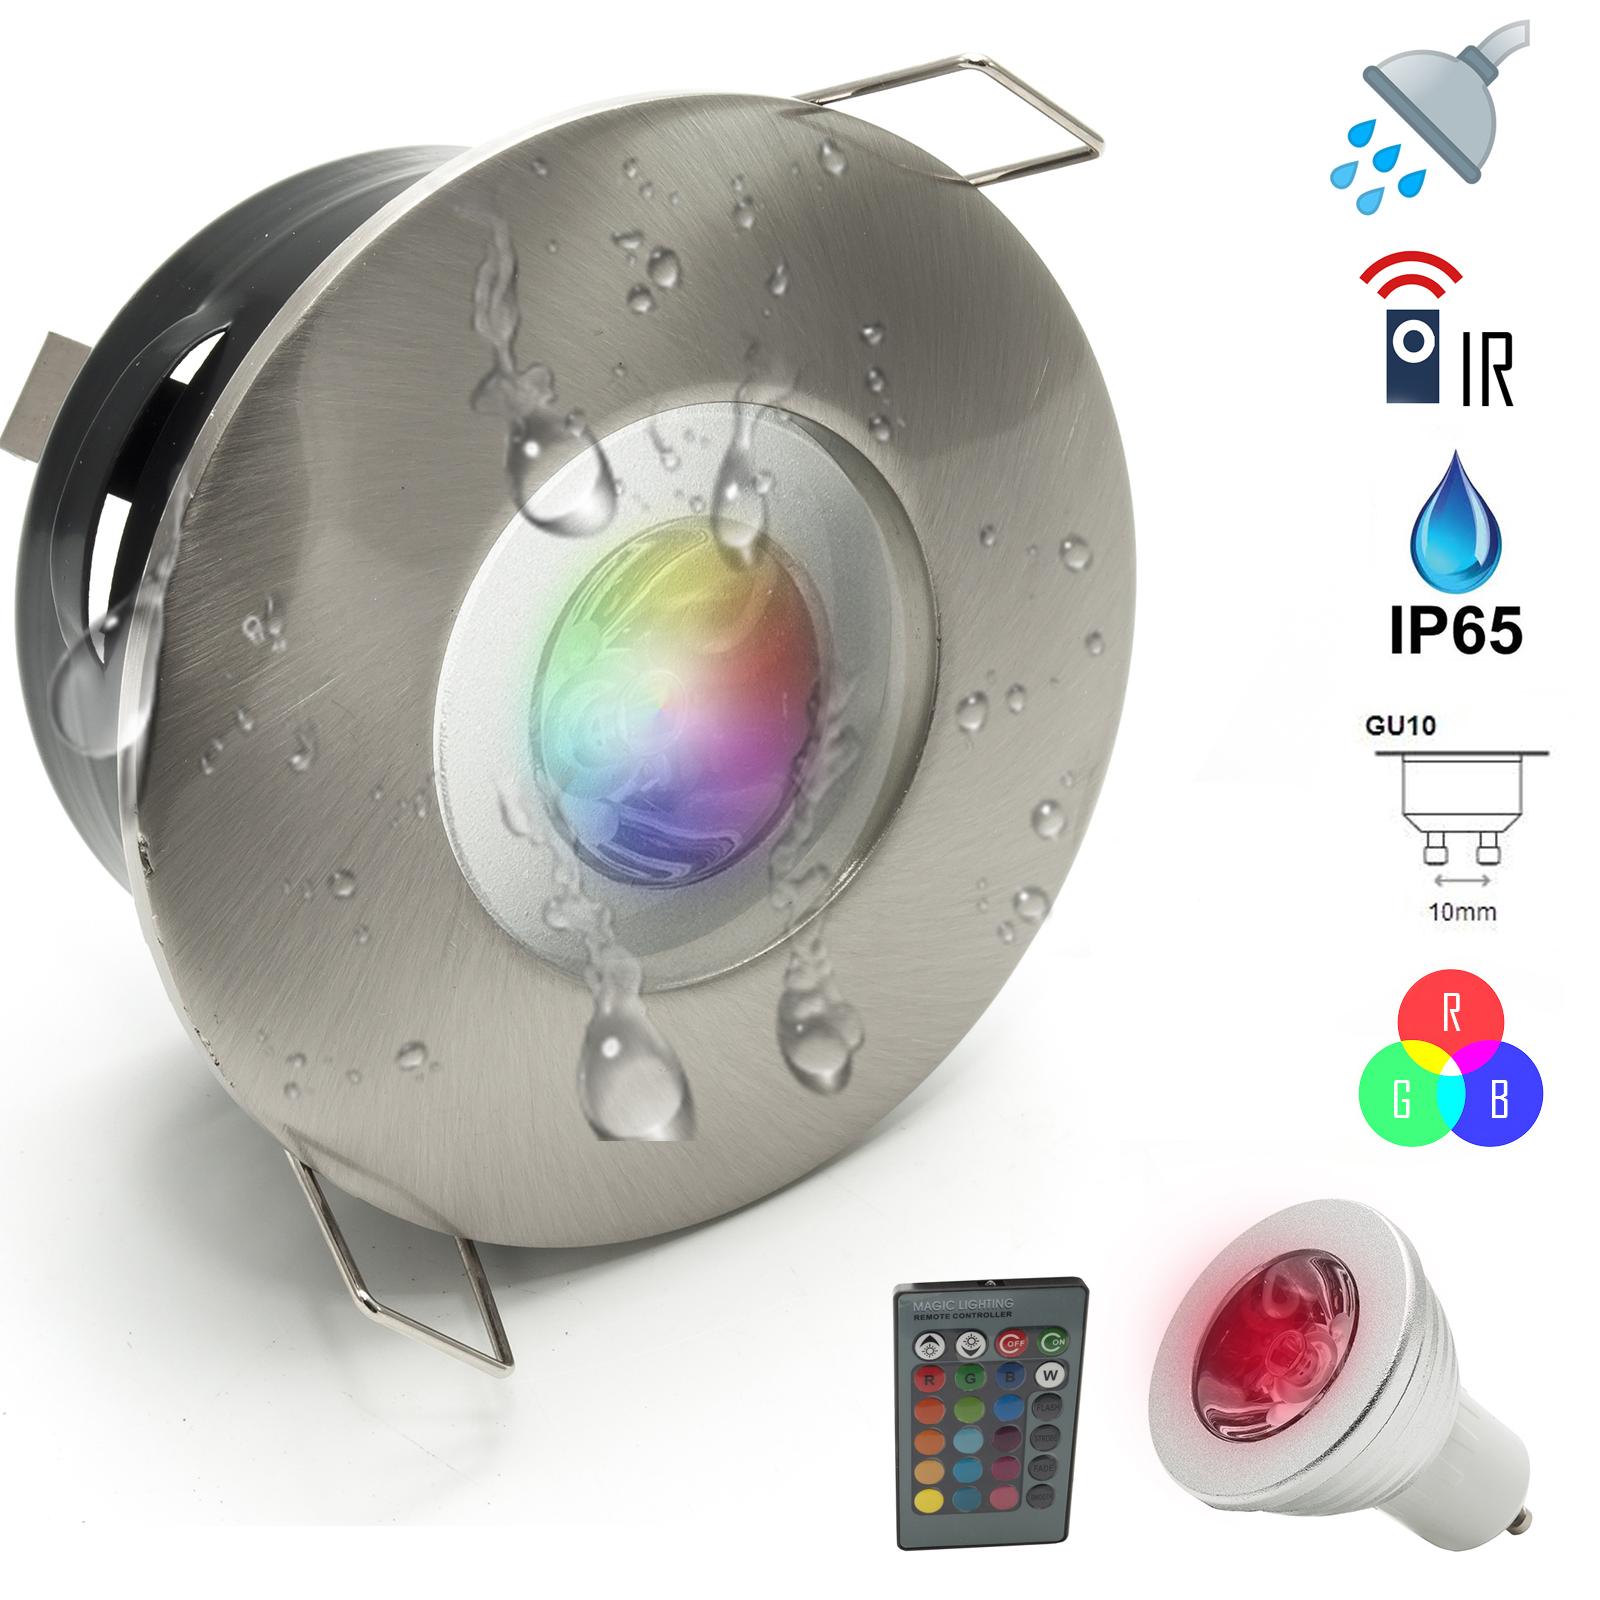 Detalles de Strahler LED Licht Bunt Dusche 15W Badezimmer Türkisch  Farbtherapie IP15 GU15 RGB